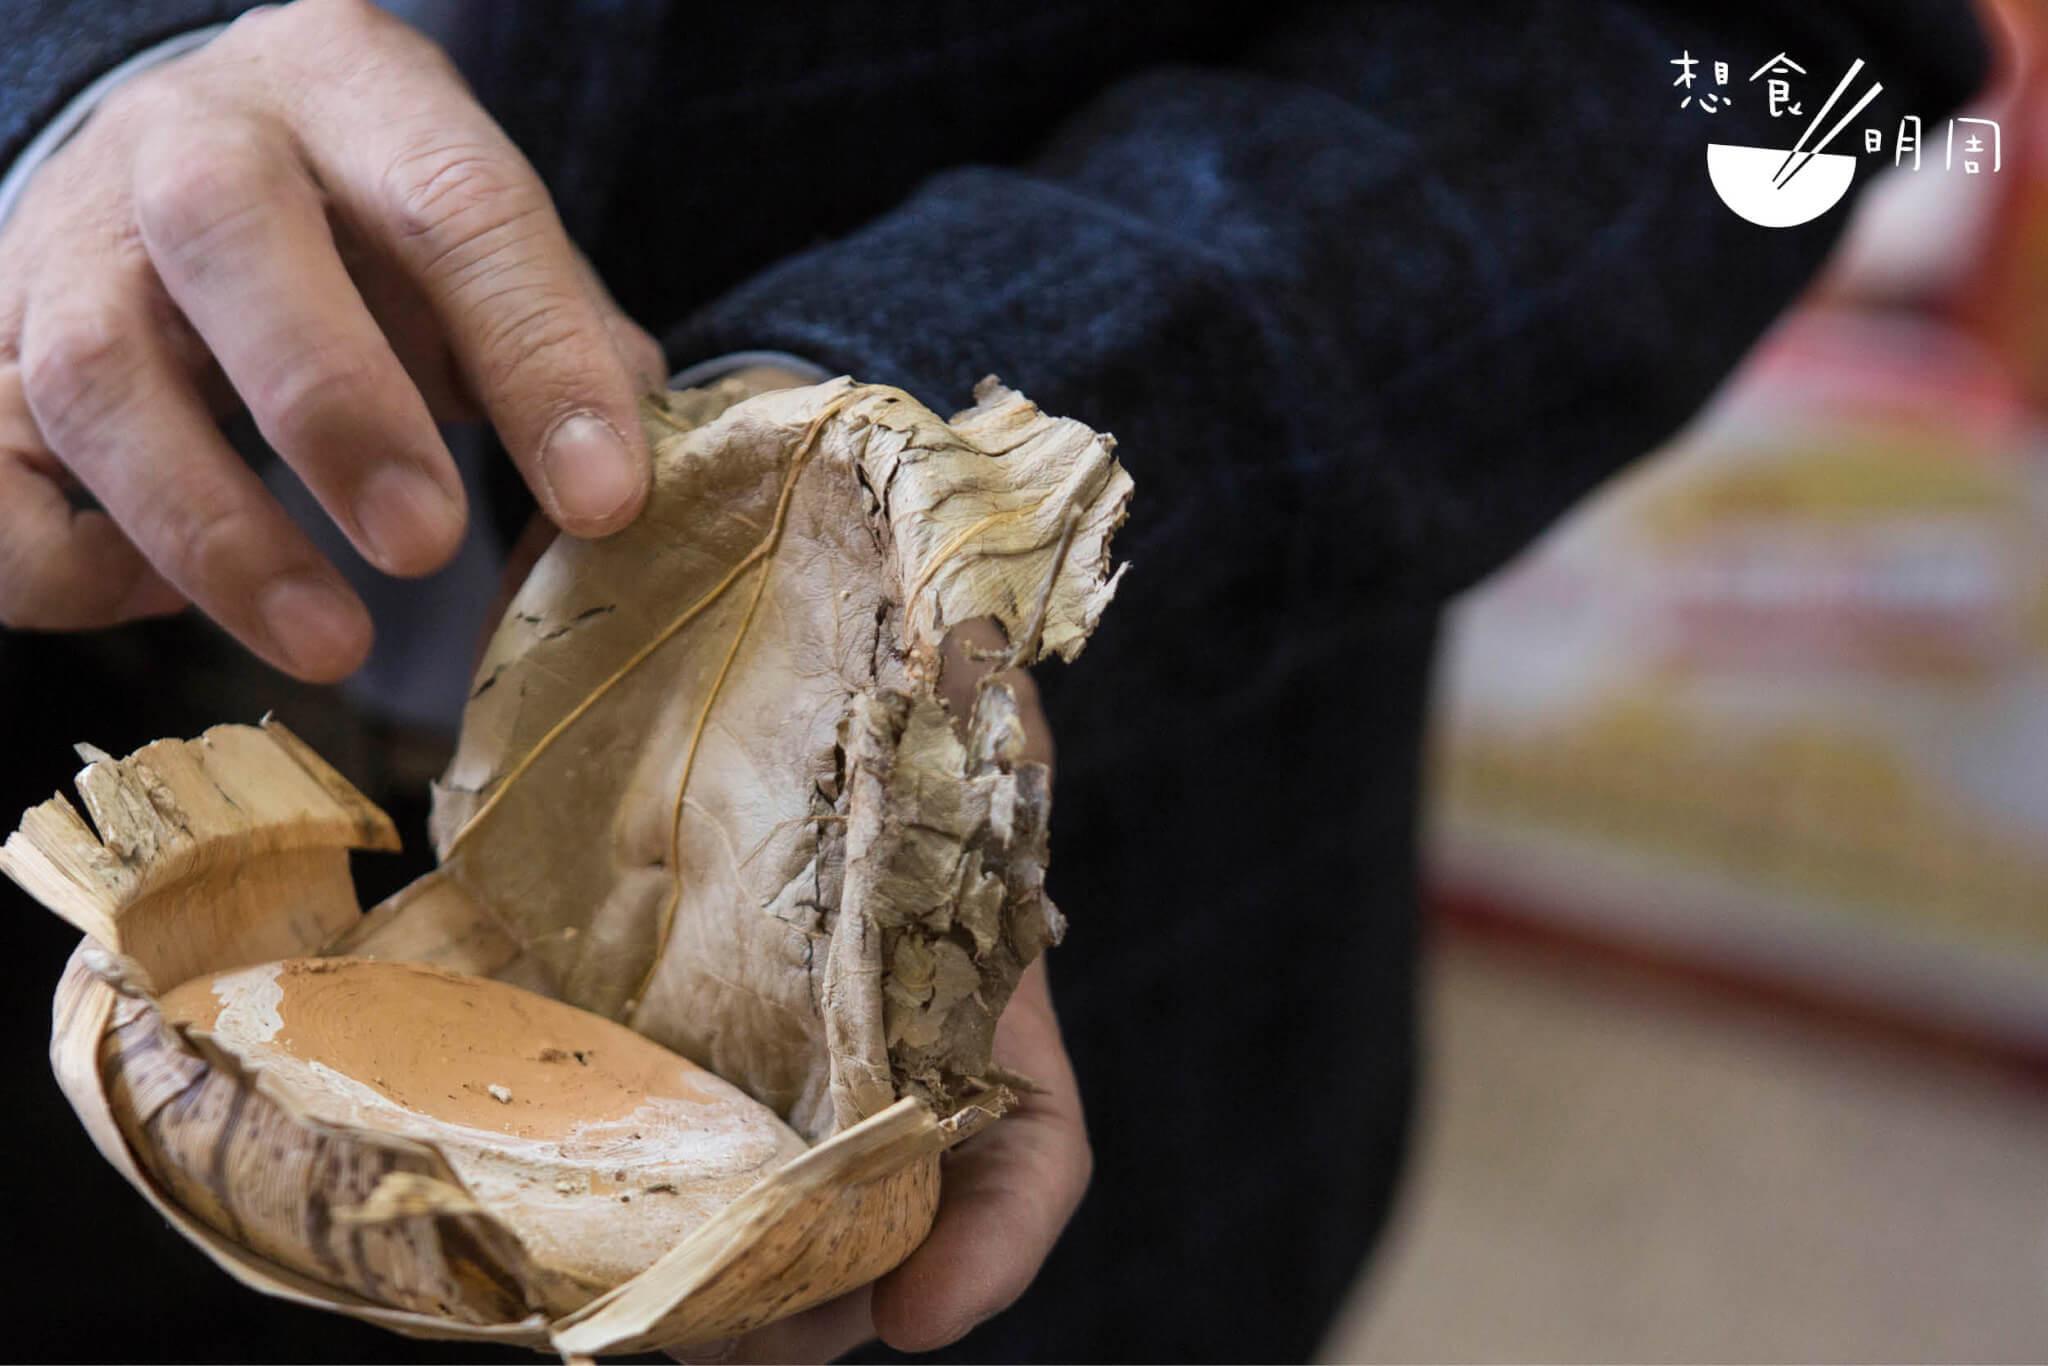 取荷葉蓋於埕口,再以塘泥密封,是常見的做法。至於圖中李豐年手上 的咸亨小酒埕,封口時在乾荷葉之中額外包覆了塊瓦片,另有加固之效。